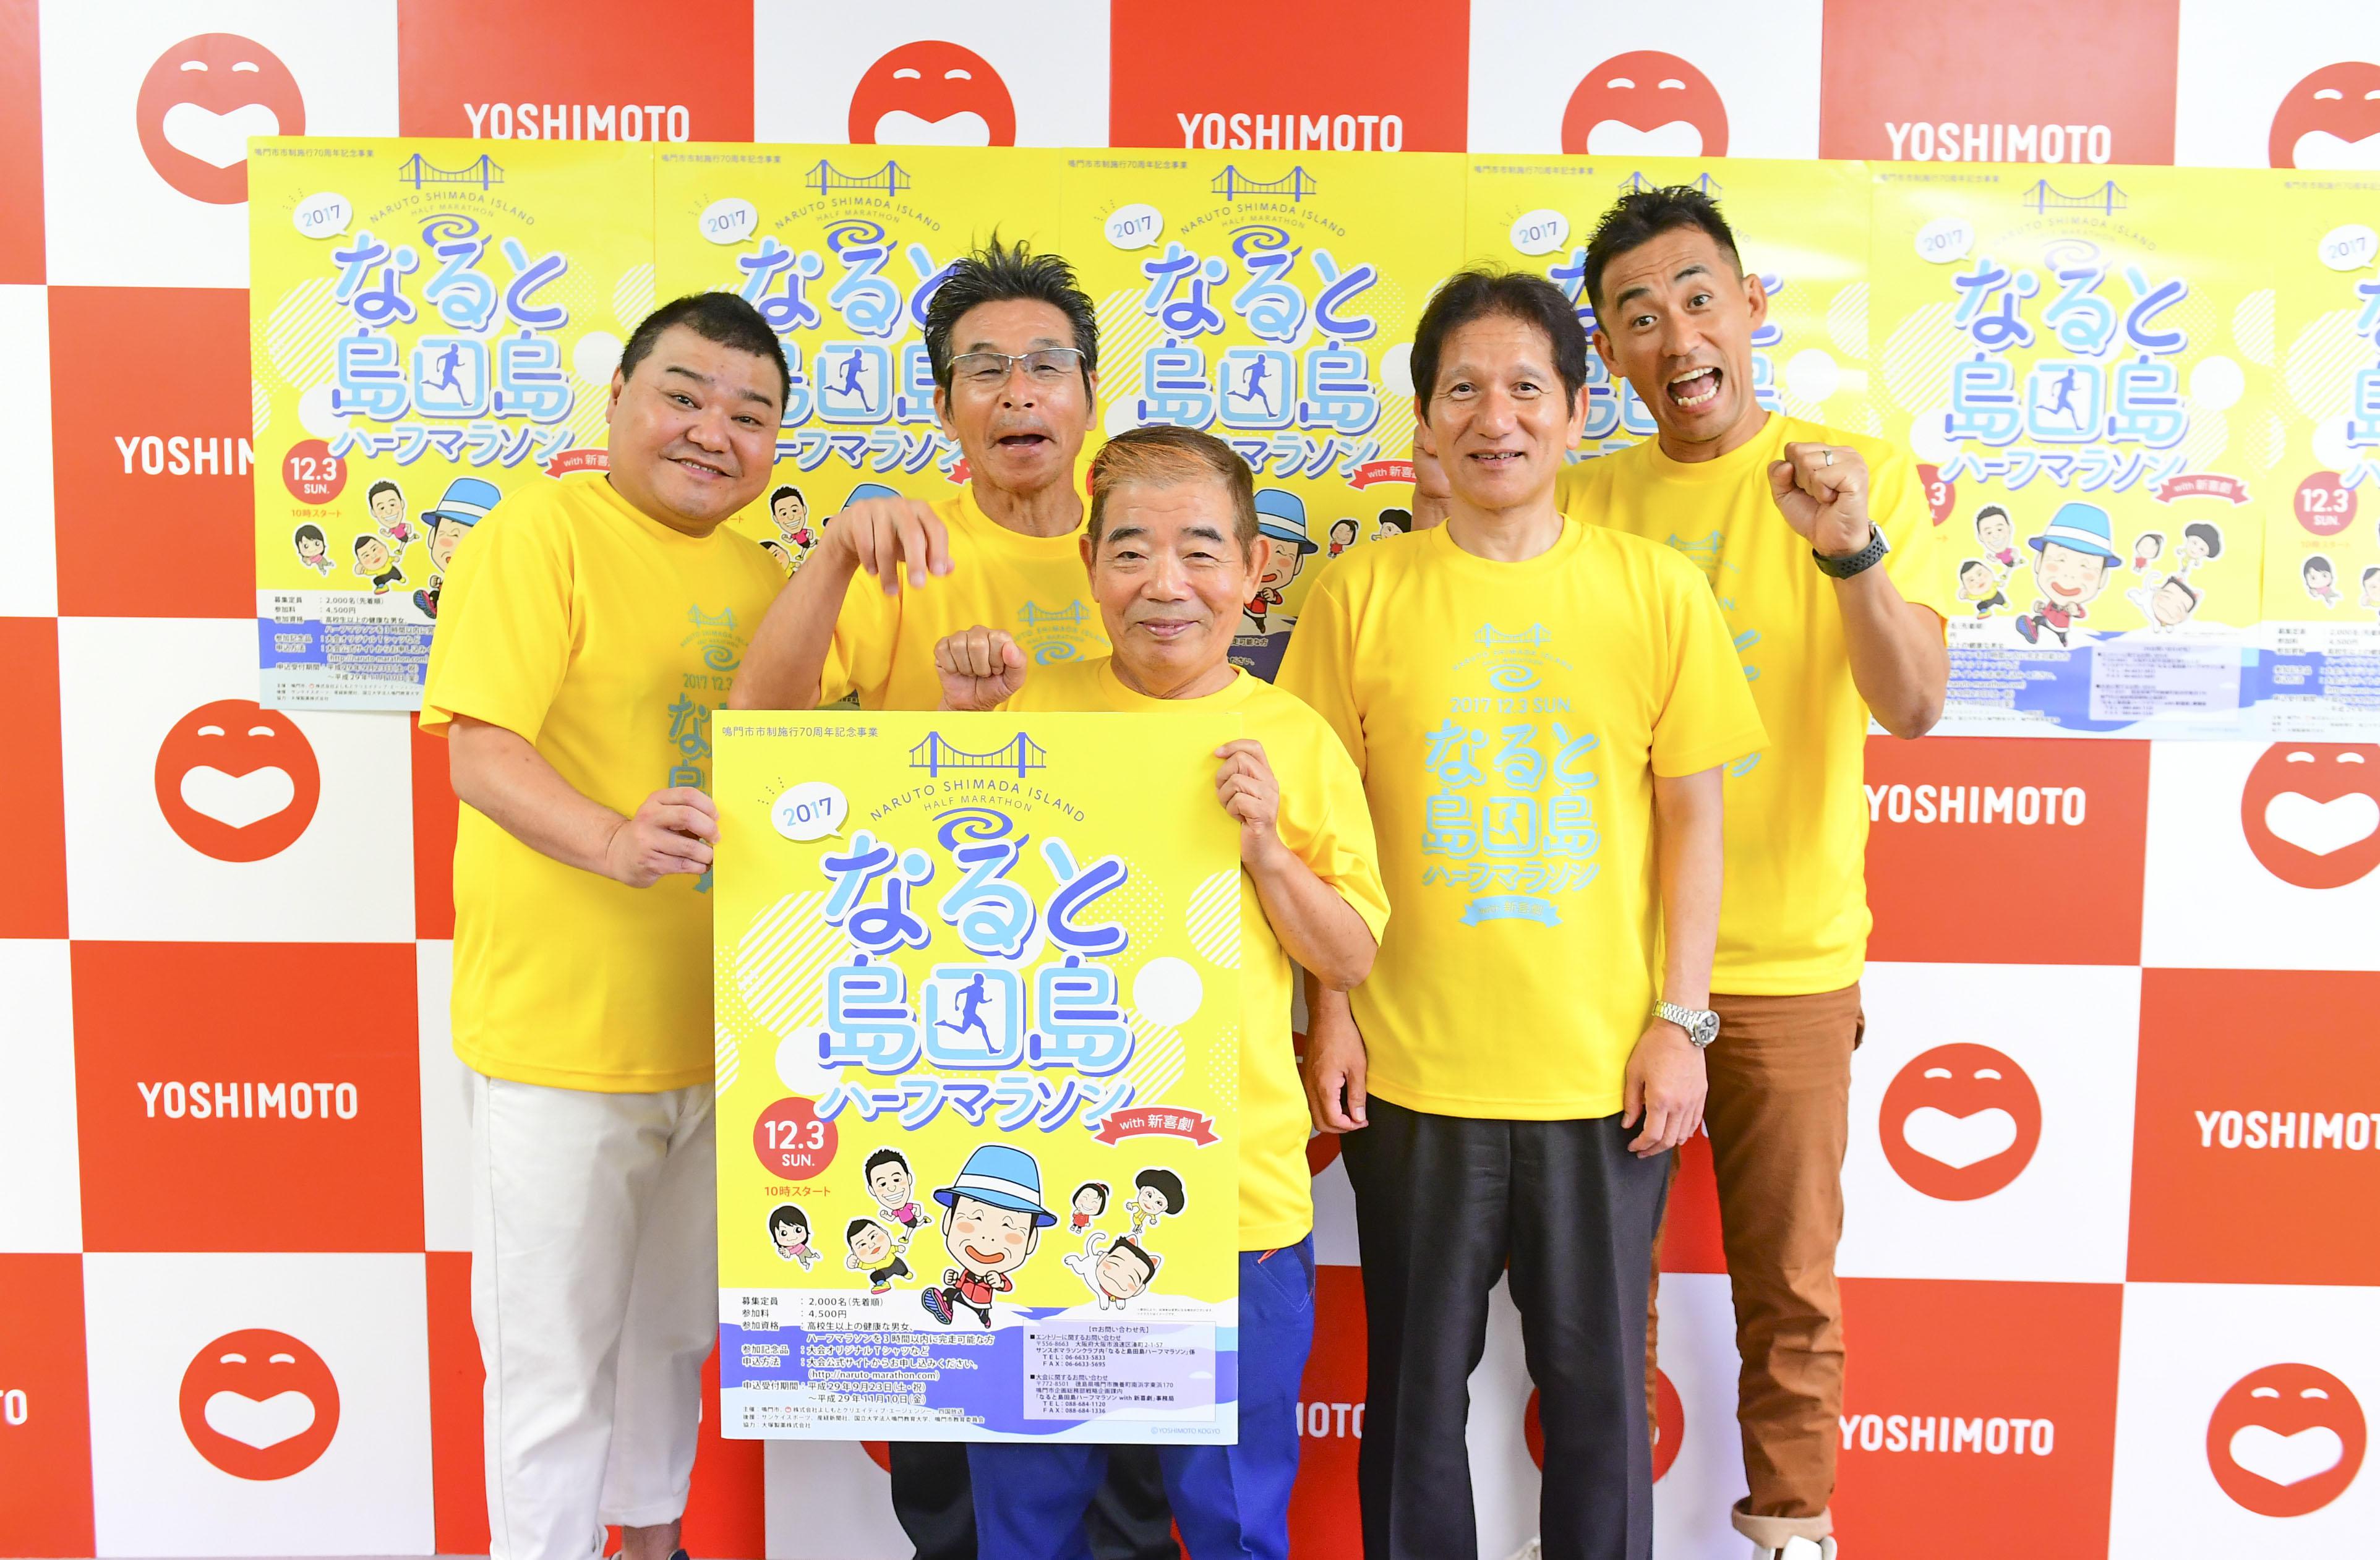 http://news.yoshimoto.co.jp/20170911182203-d3d05f576b722a89c83ea2be9eea21667701ee62.jpg